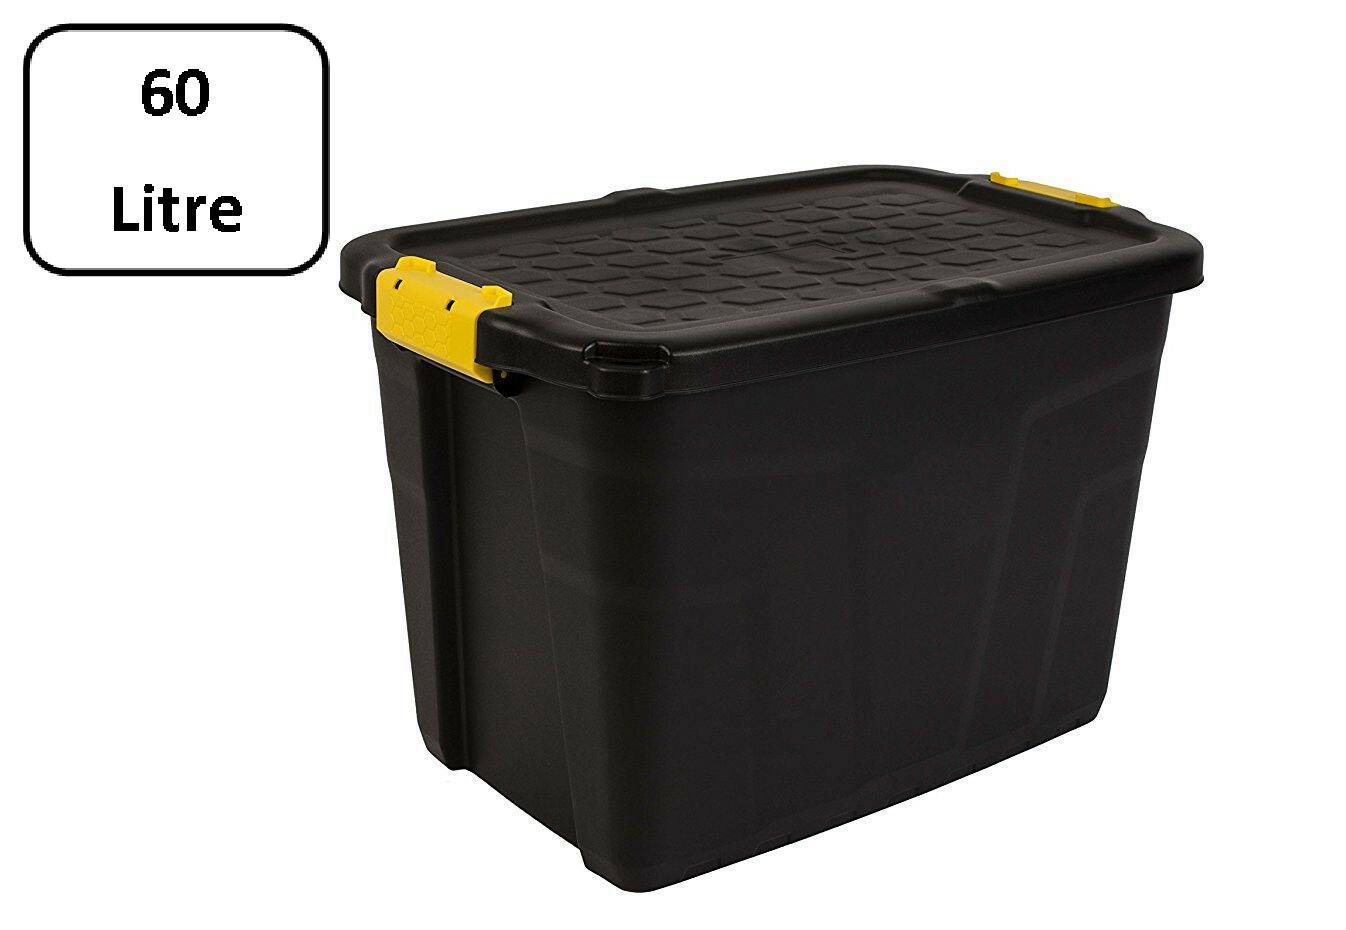 La Boite Jaune Prix strata boîte de rangement à usage intensif, coffre sécurisé empilable - 60  litres - 60 x 40 x 40 cm - résistant à 630 kg - noir / jaune